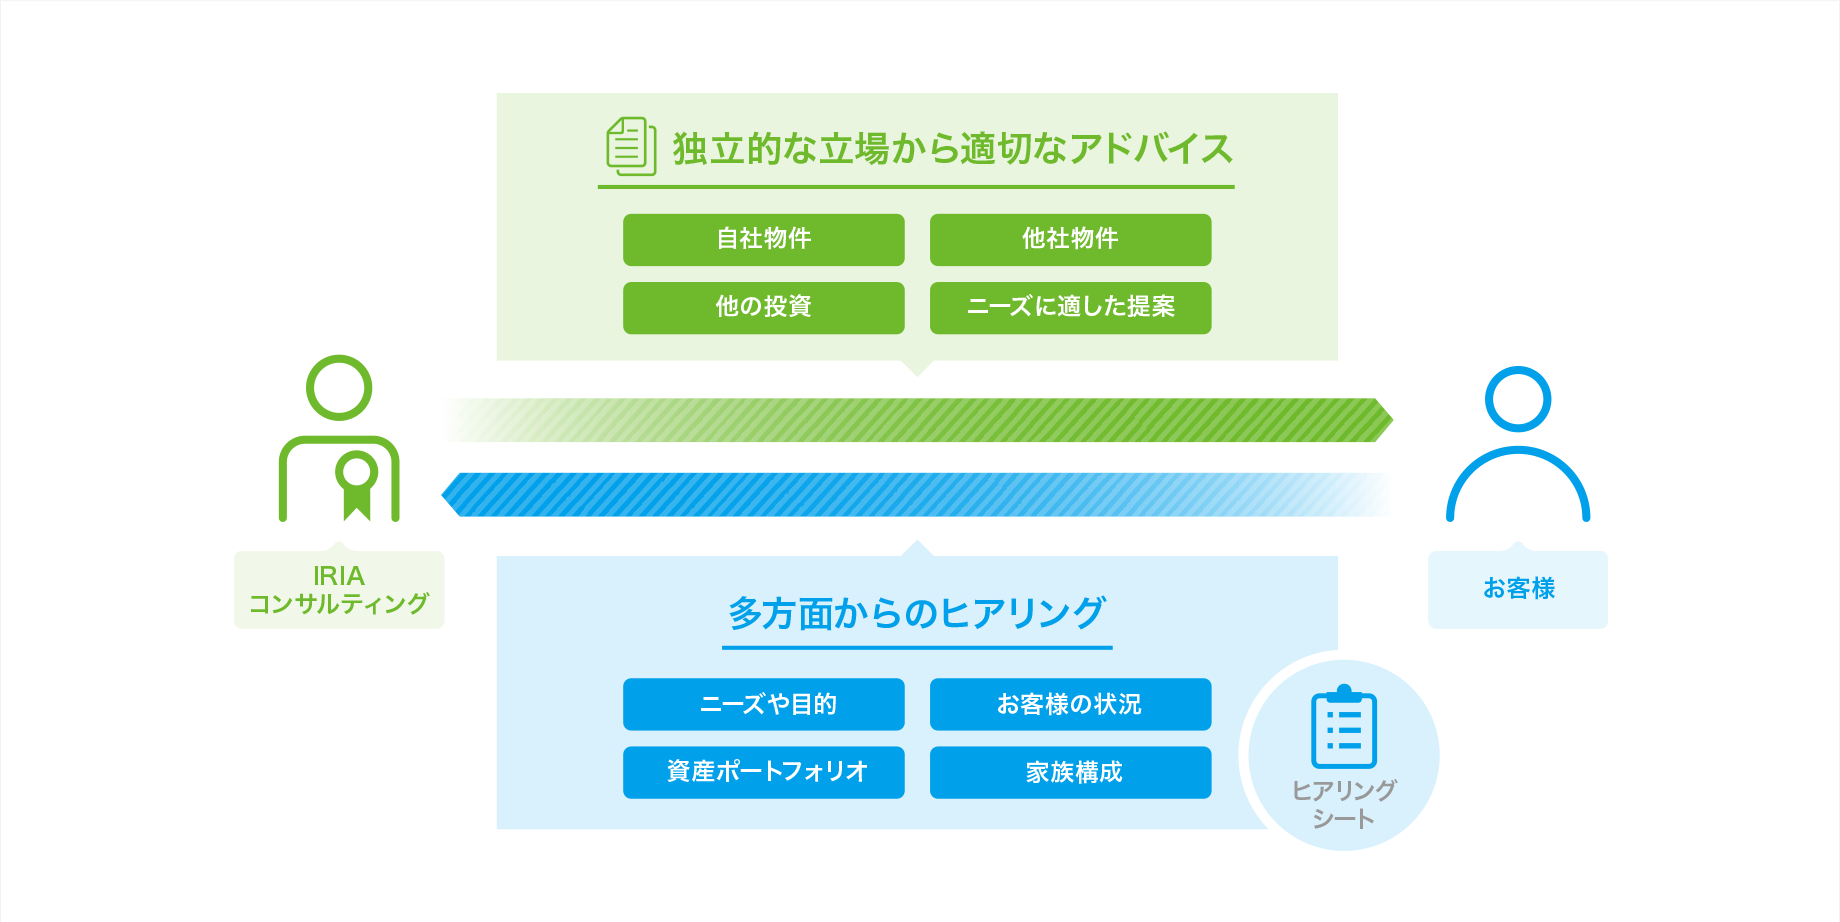 IRIAコンサルティングイメージ図